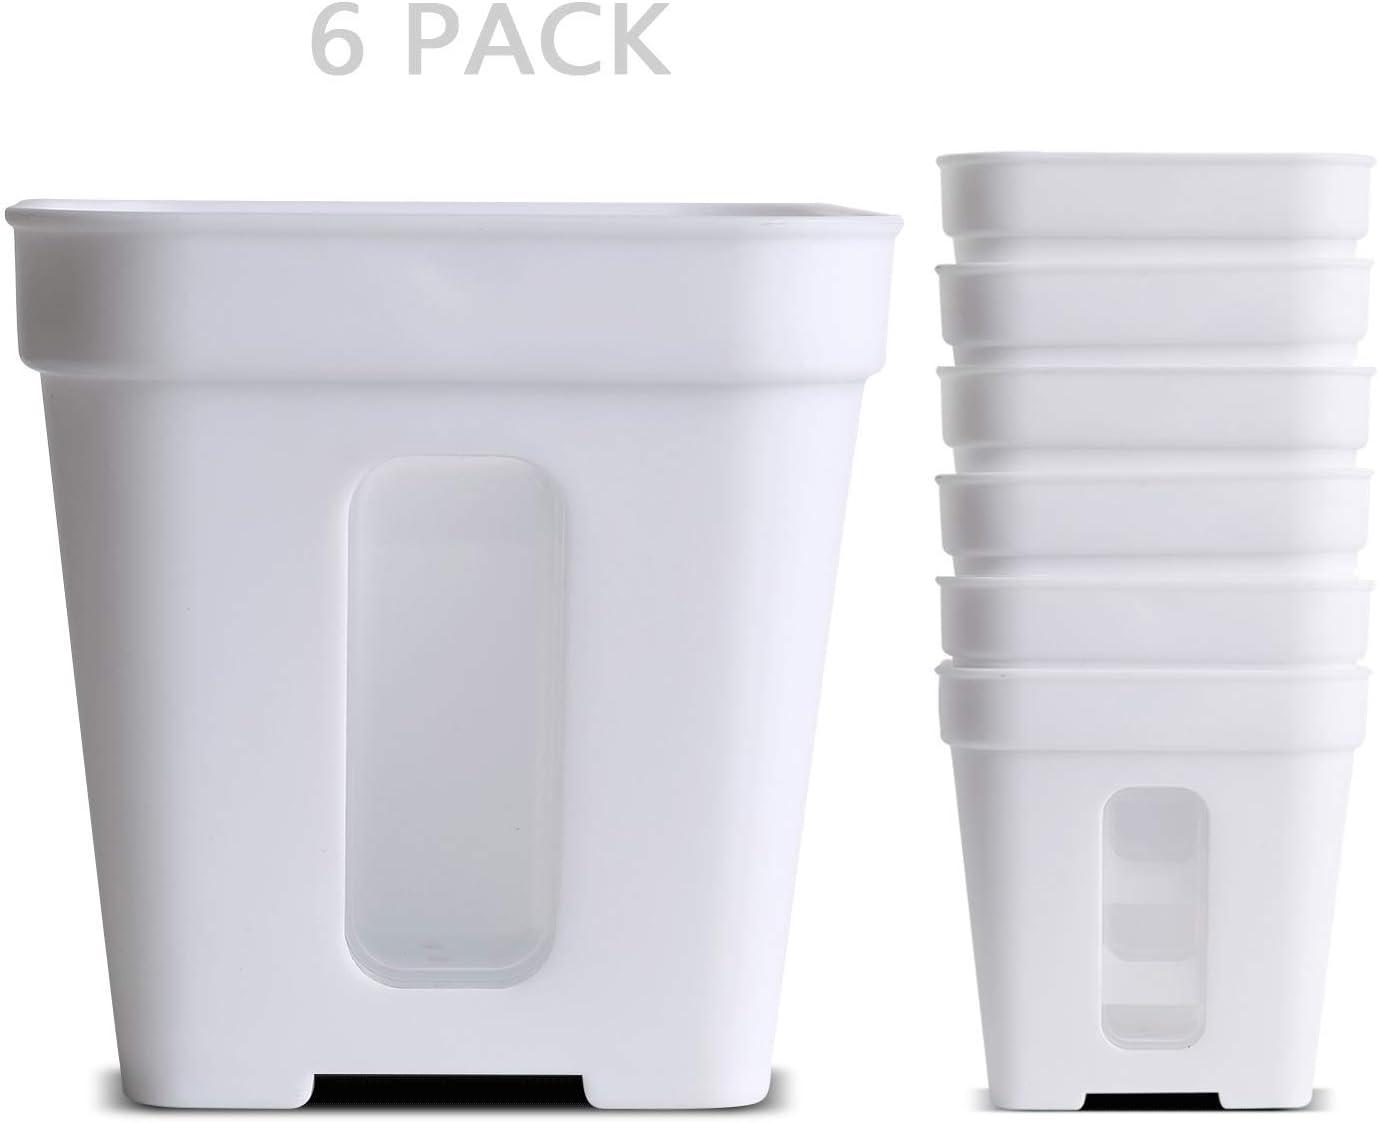 WUHOSTAM macetas cuadradas de plástico para Interior Blanco, macetas de guardería para Plantas o suculentas, Paquete de 6